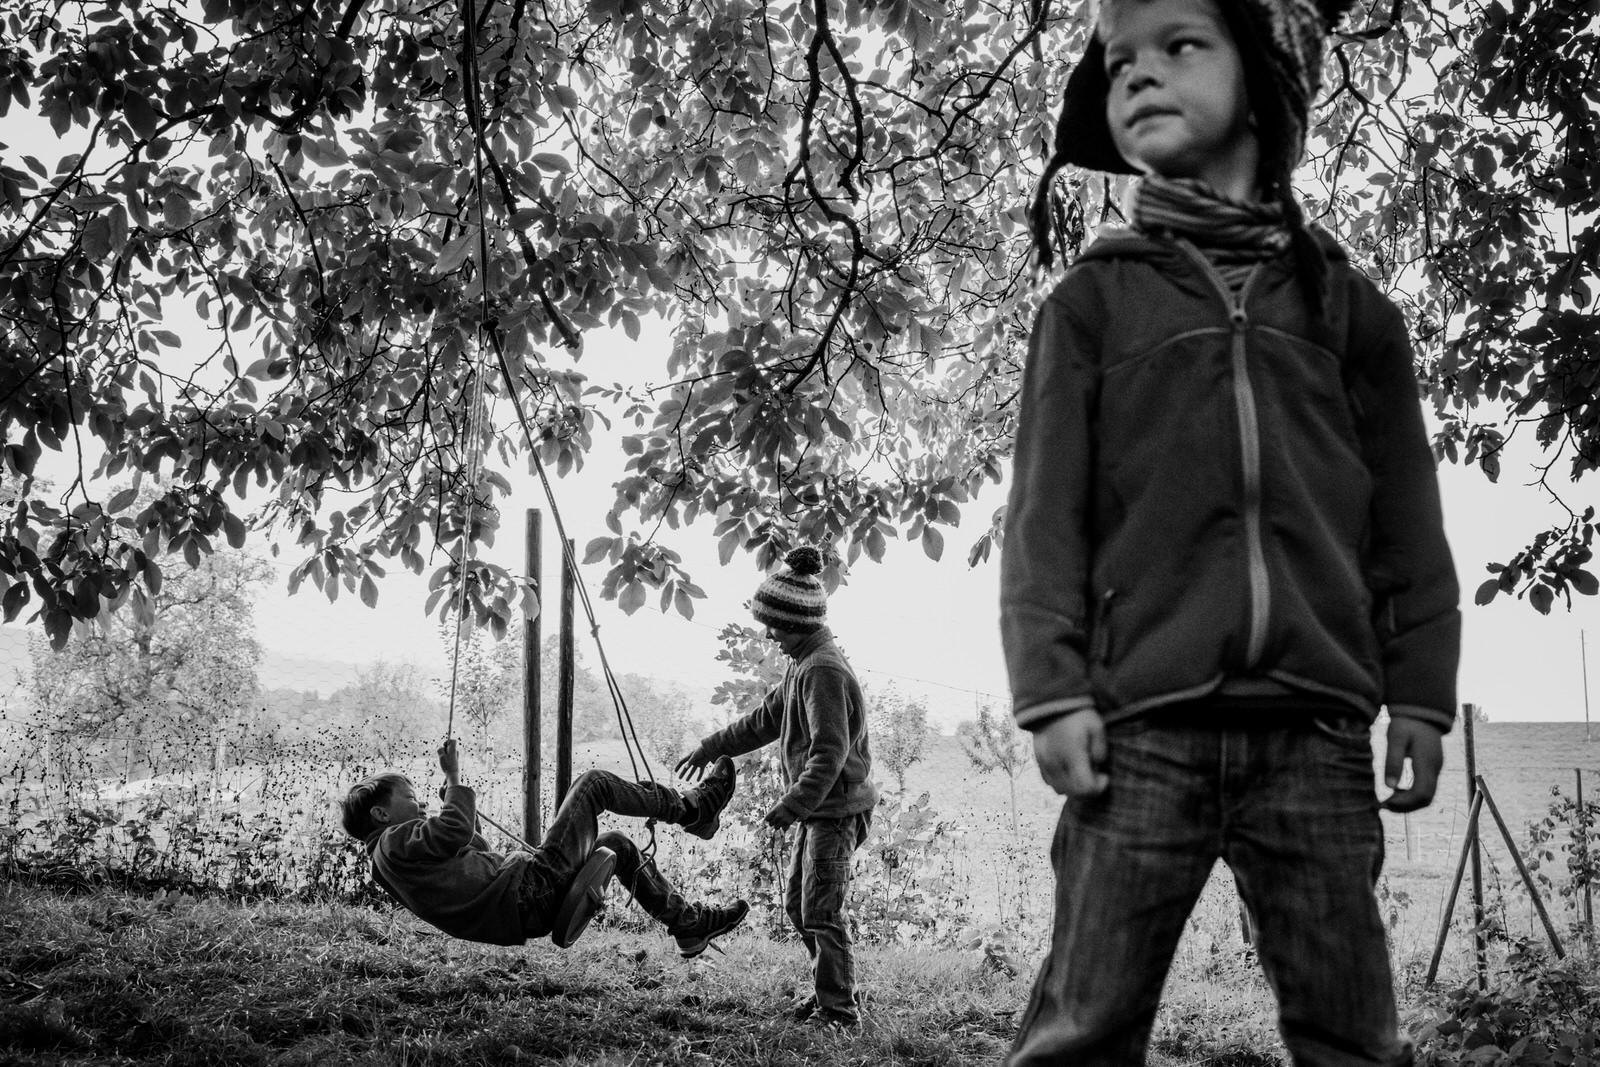 Jungen schaukeln | Familienfotos drinnen und draussen - Familienfotografin unterwegs